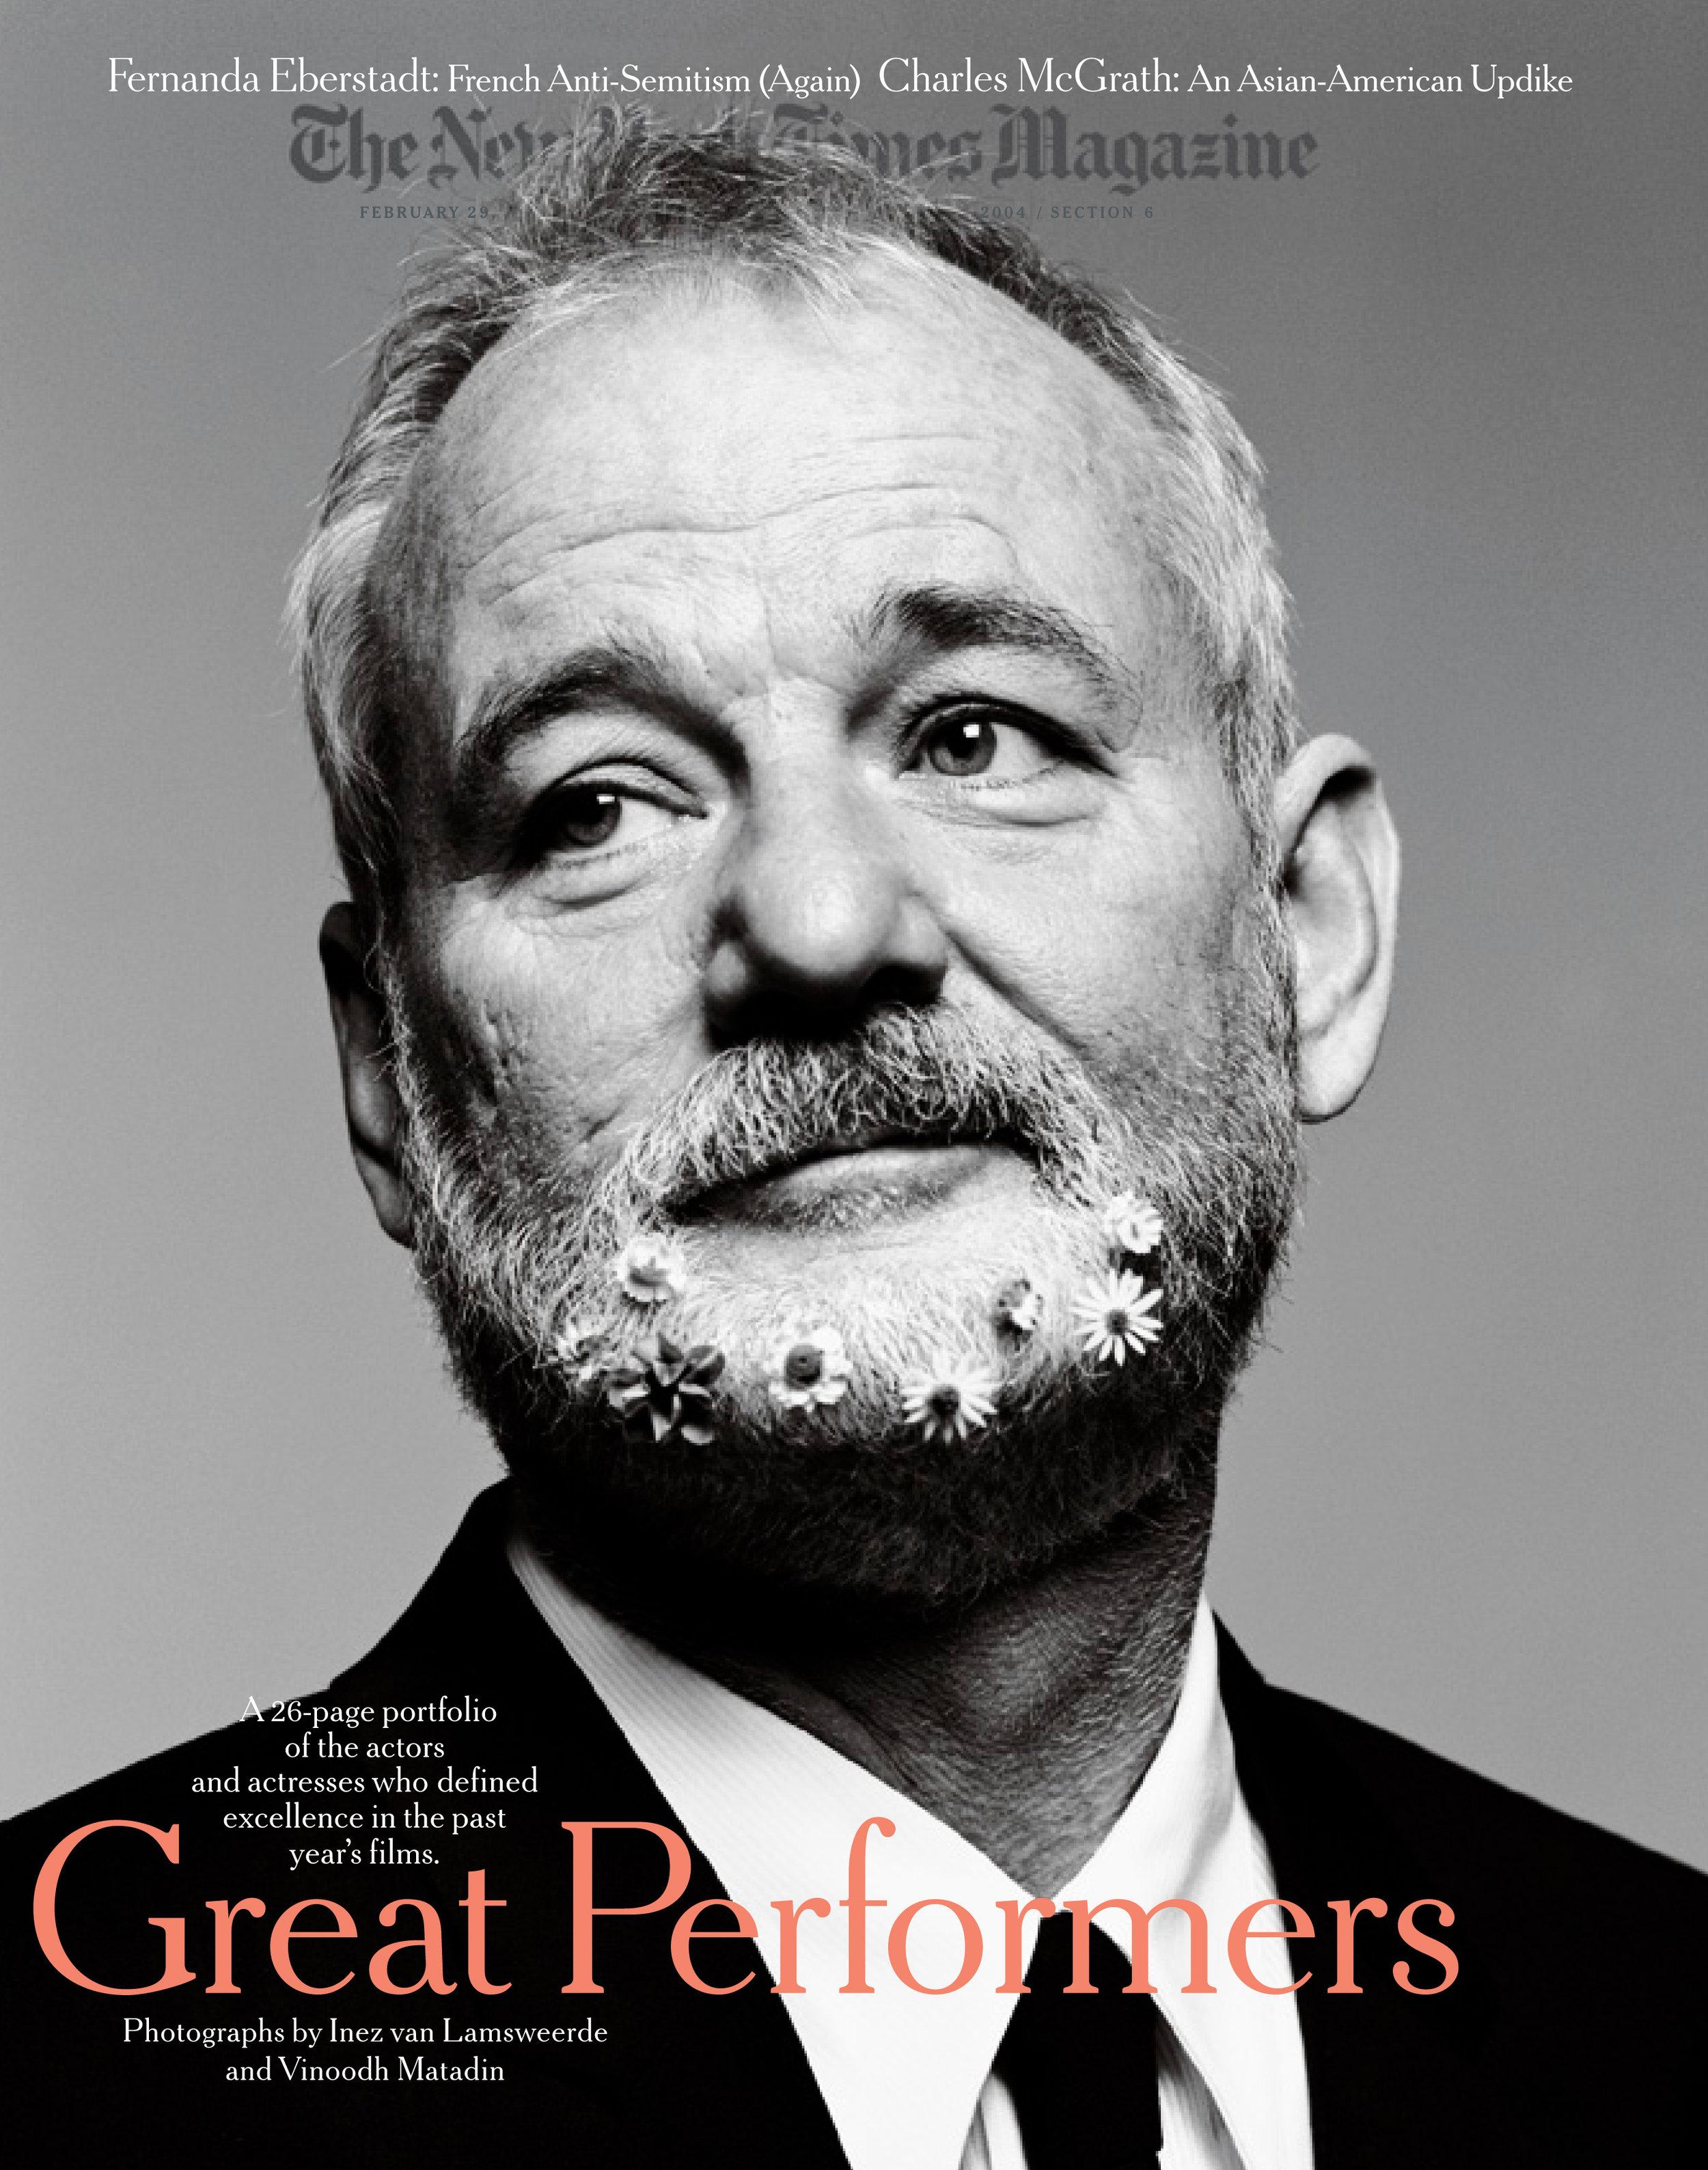 OSCARS04.02.29.04.Oscars-Bill Murray-Cover.jpg